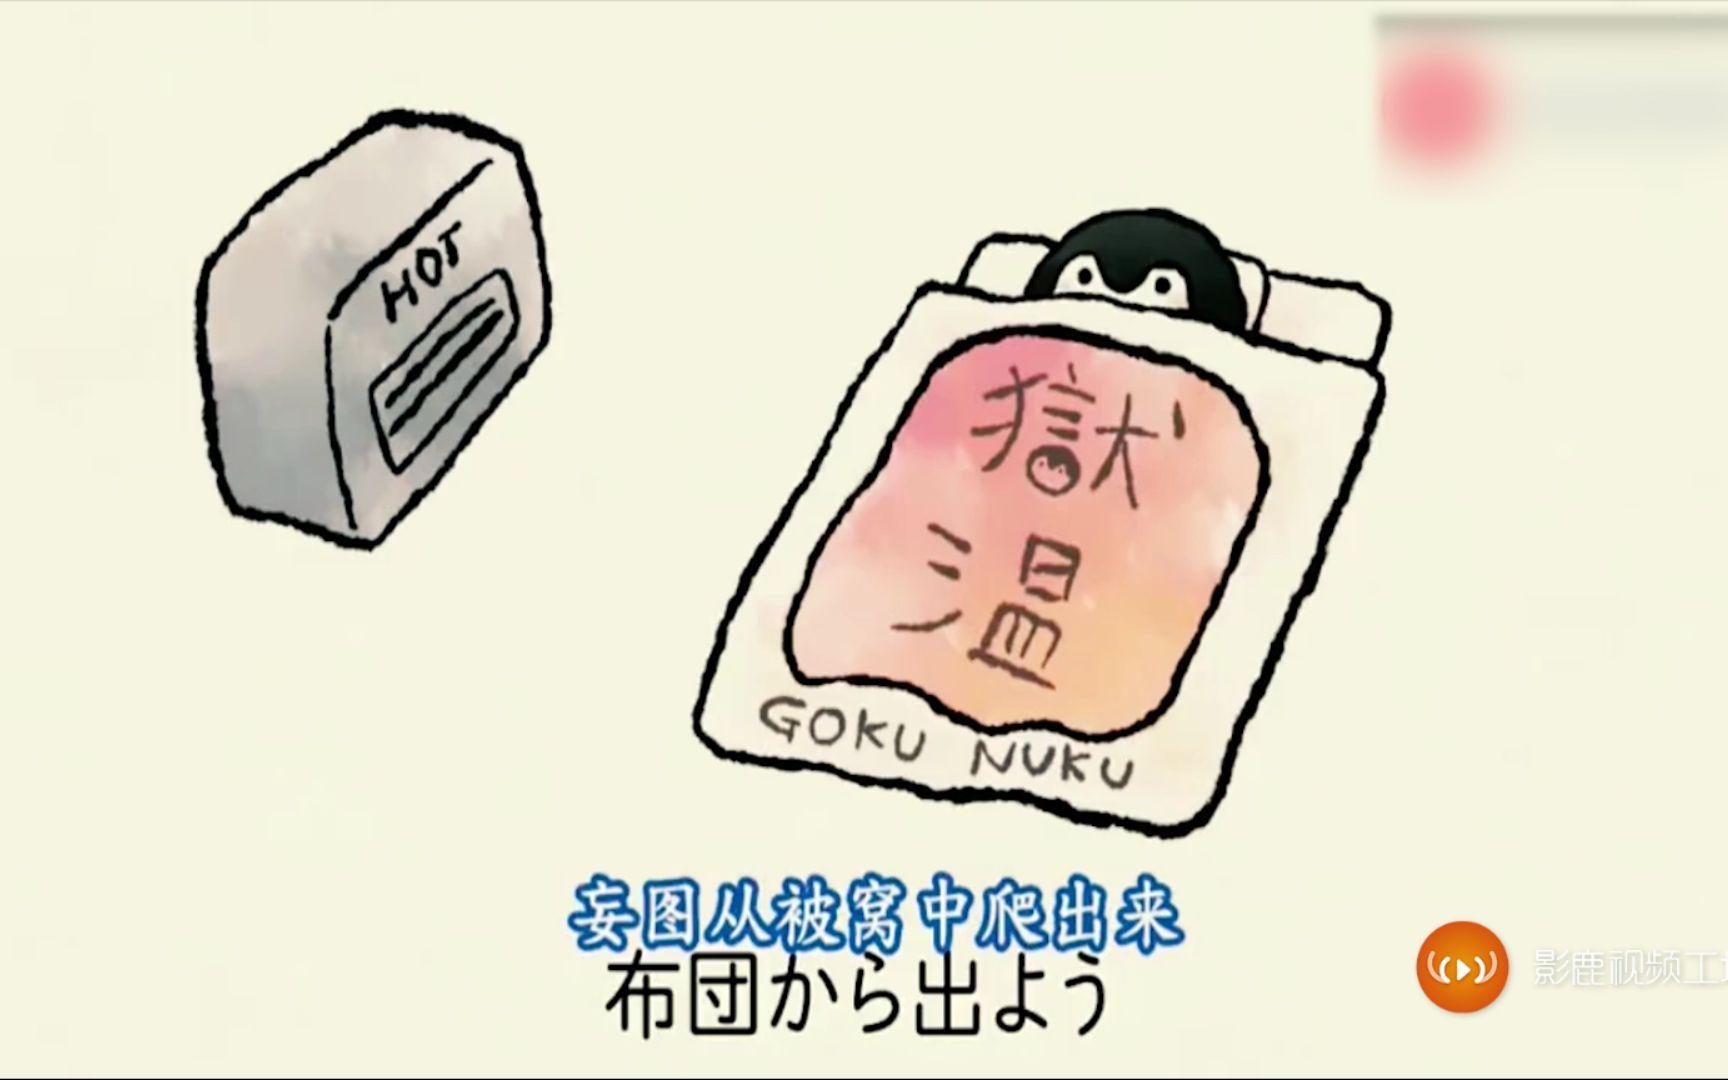 日本洗脑神曲《真的不想从被窝里出来》...没毛病!是冬天被封印在被窝里的你本人了